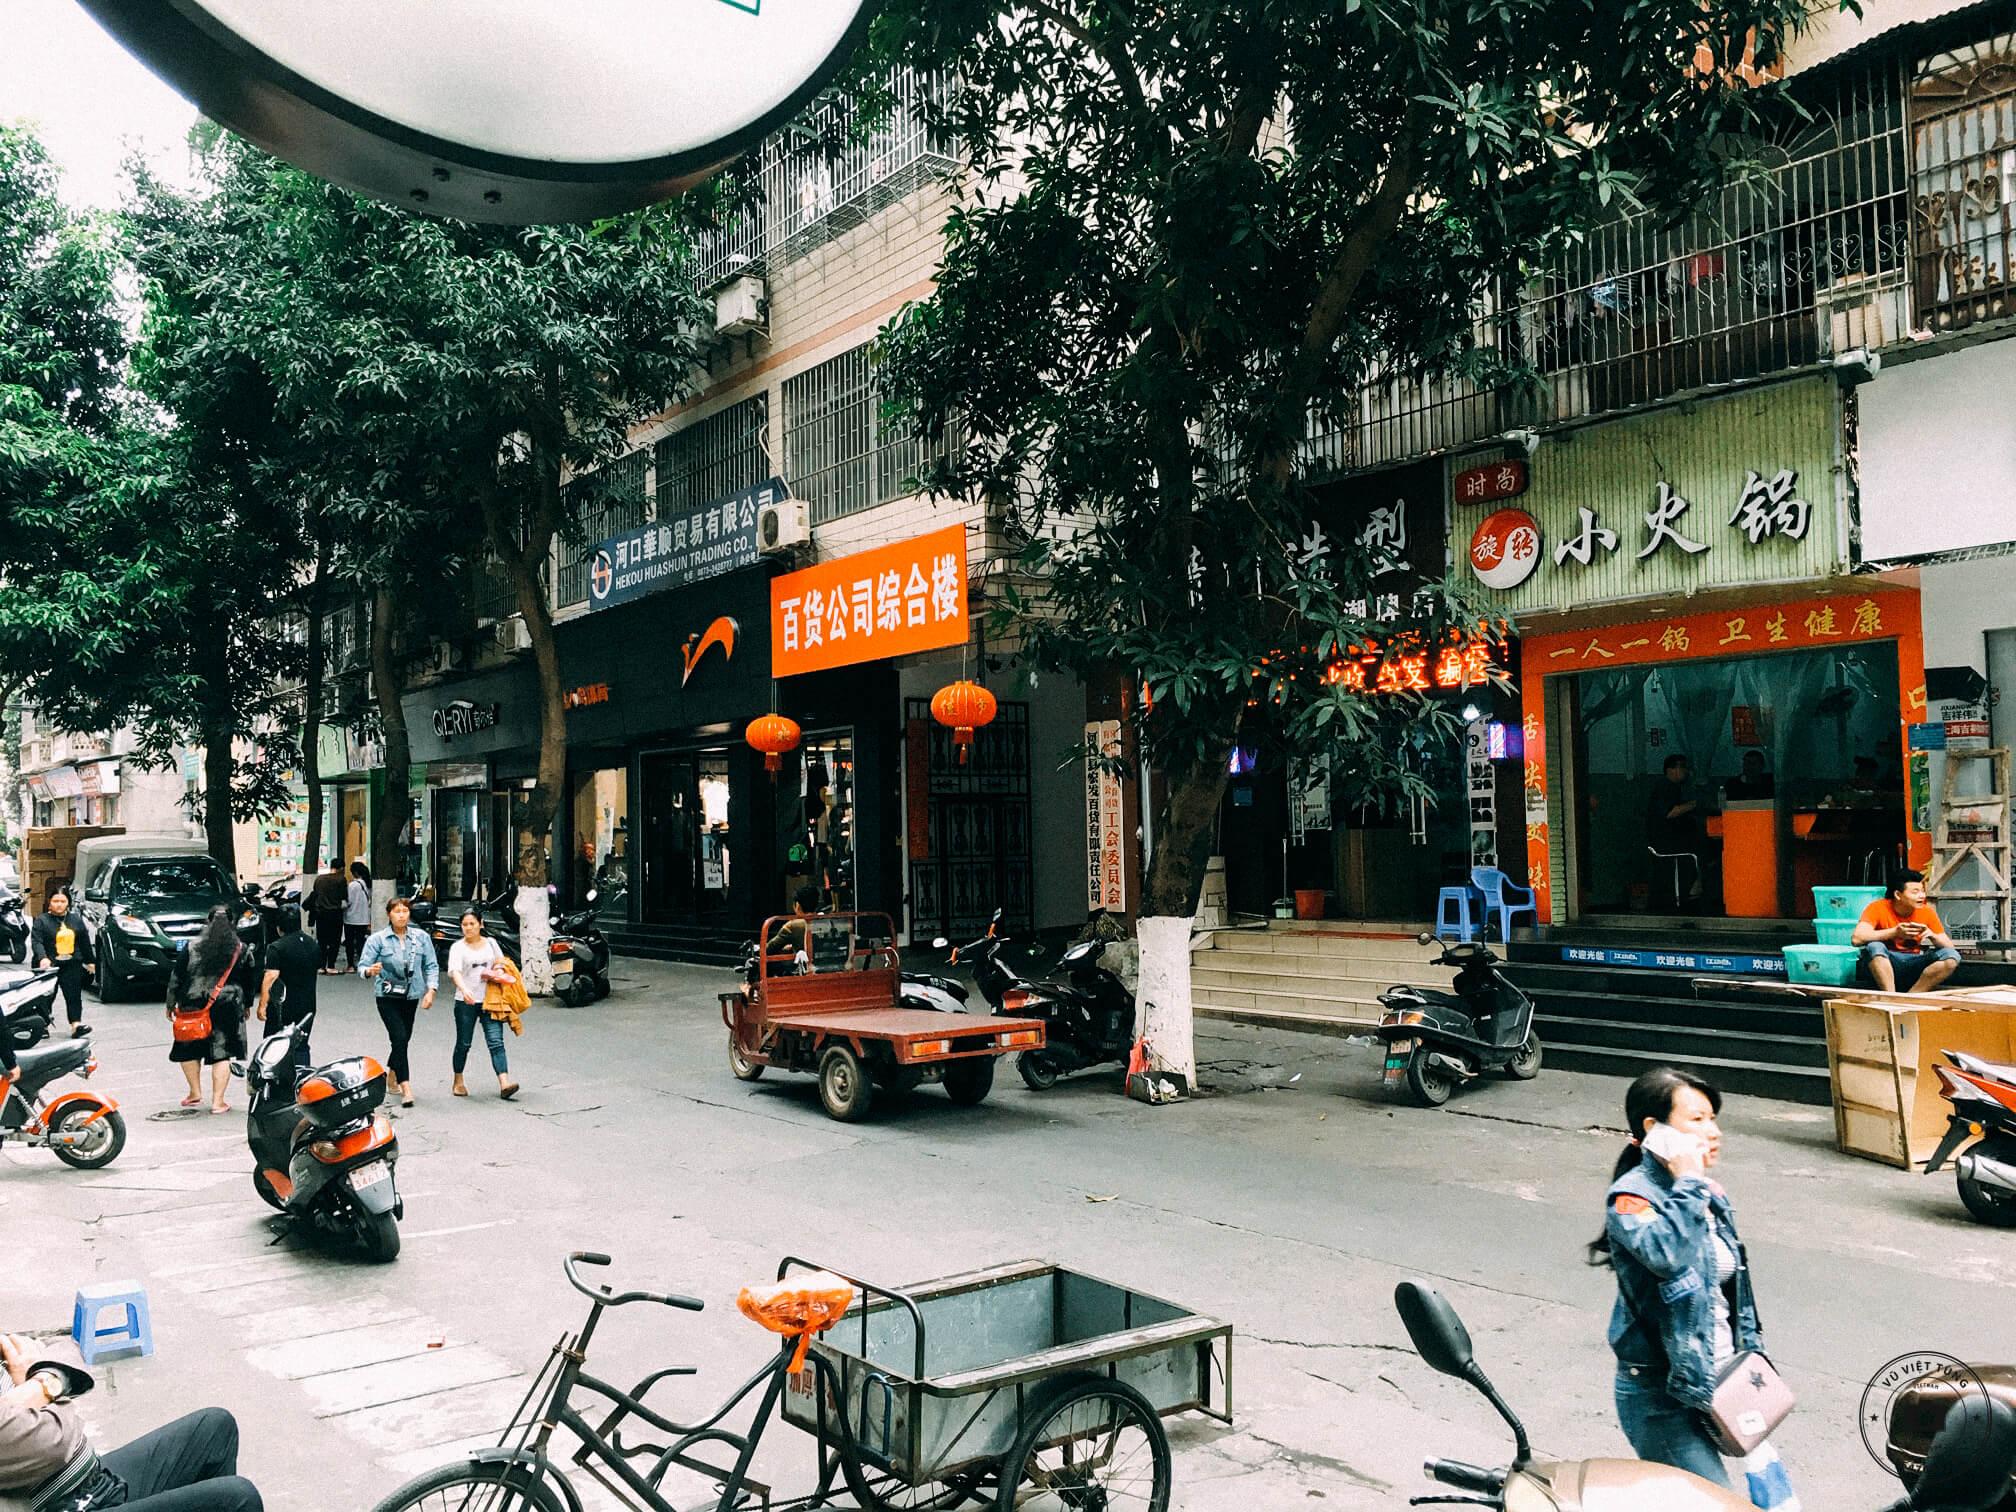 Đường phố của thị trấn Hà Khẩu (Trung Quốc)